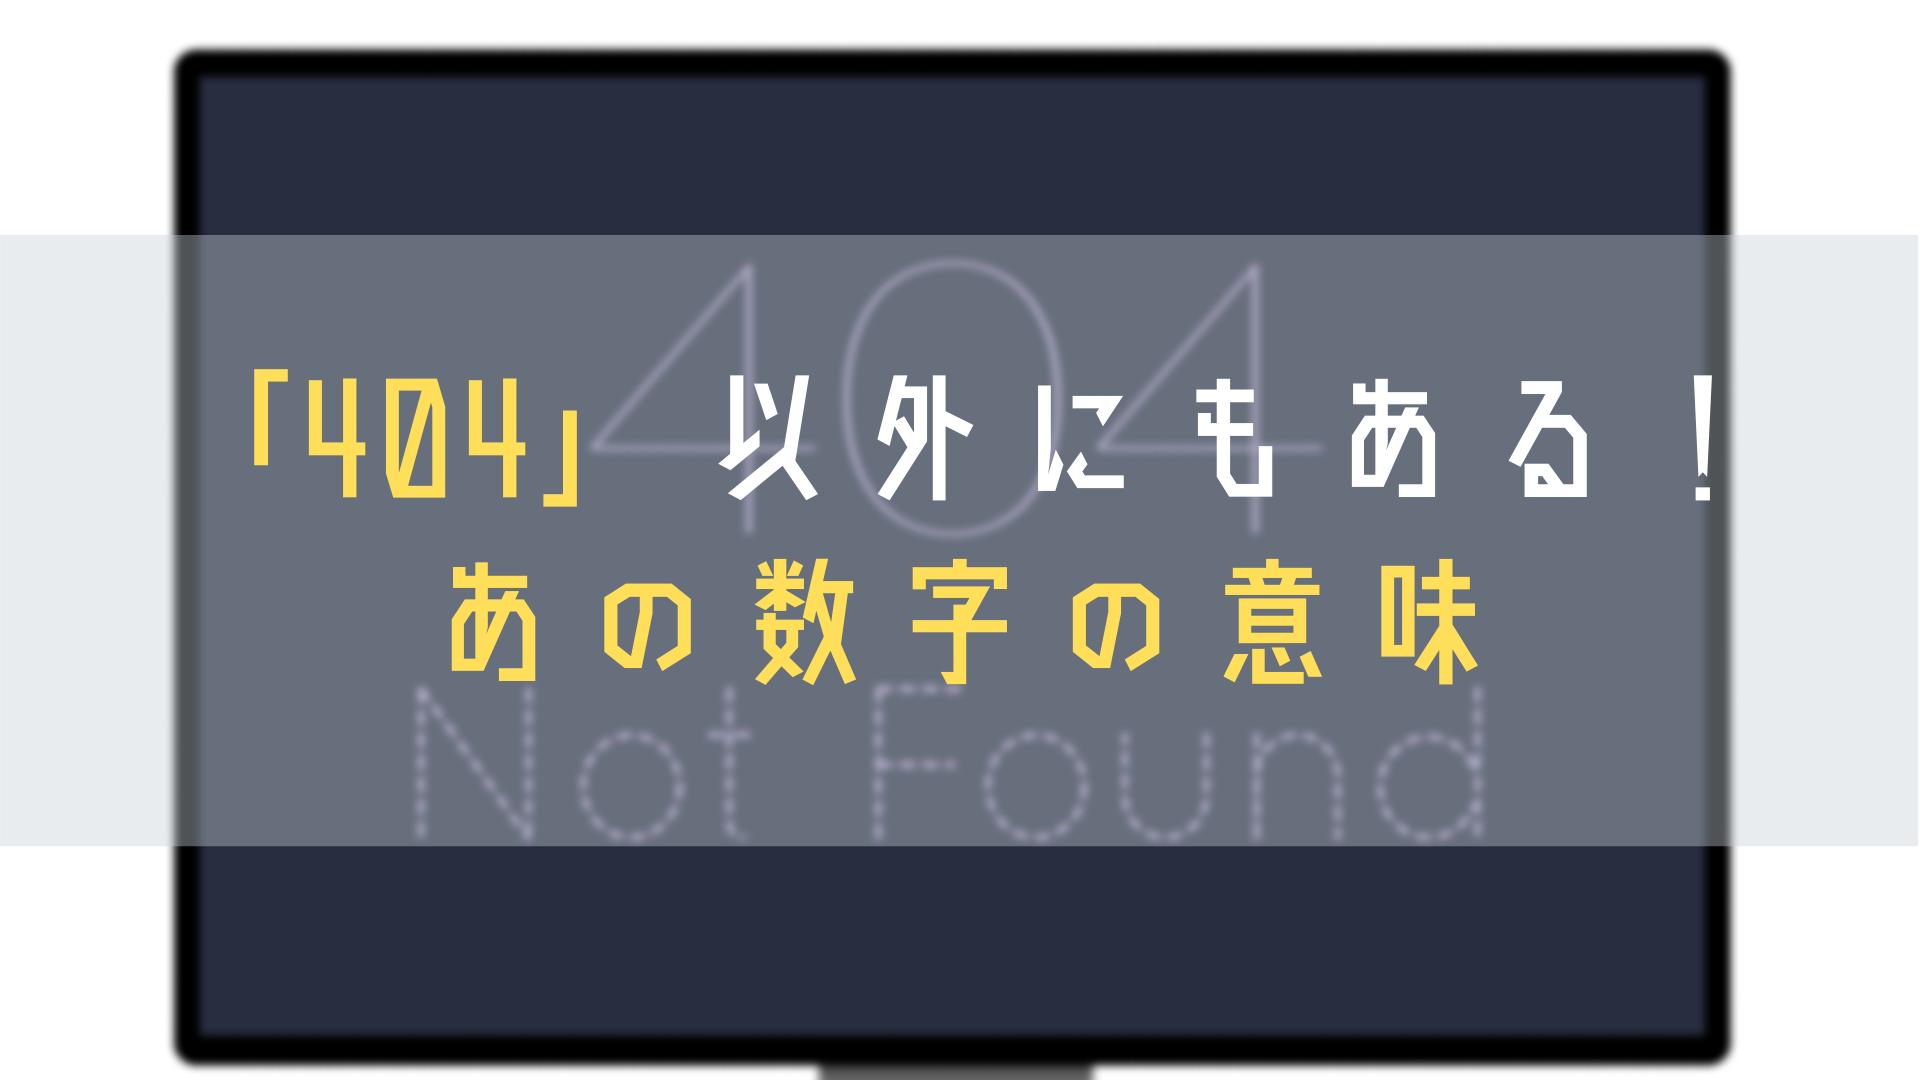 エラー 404